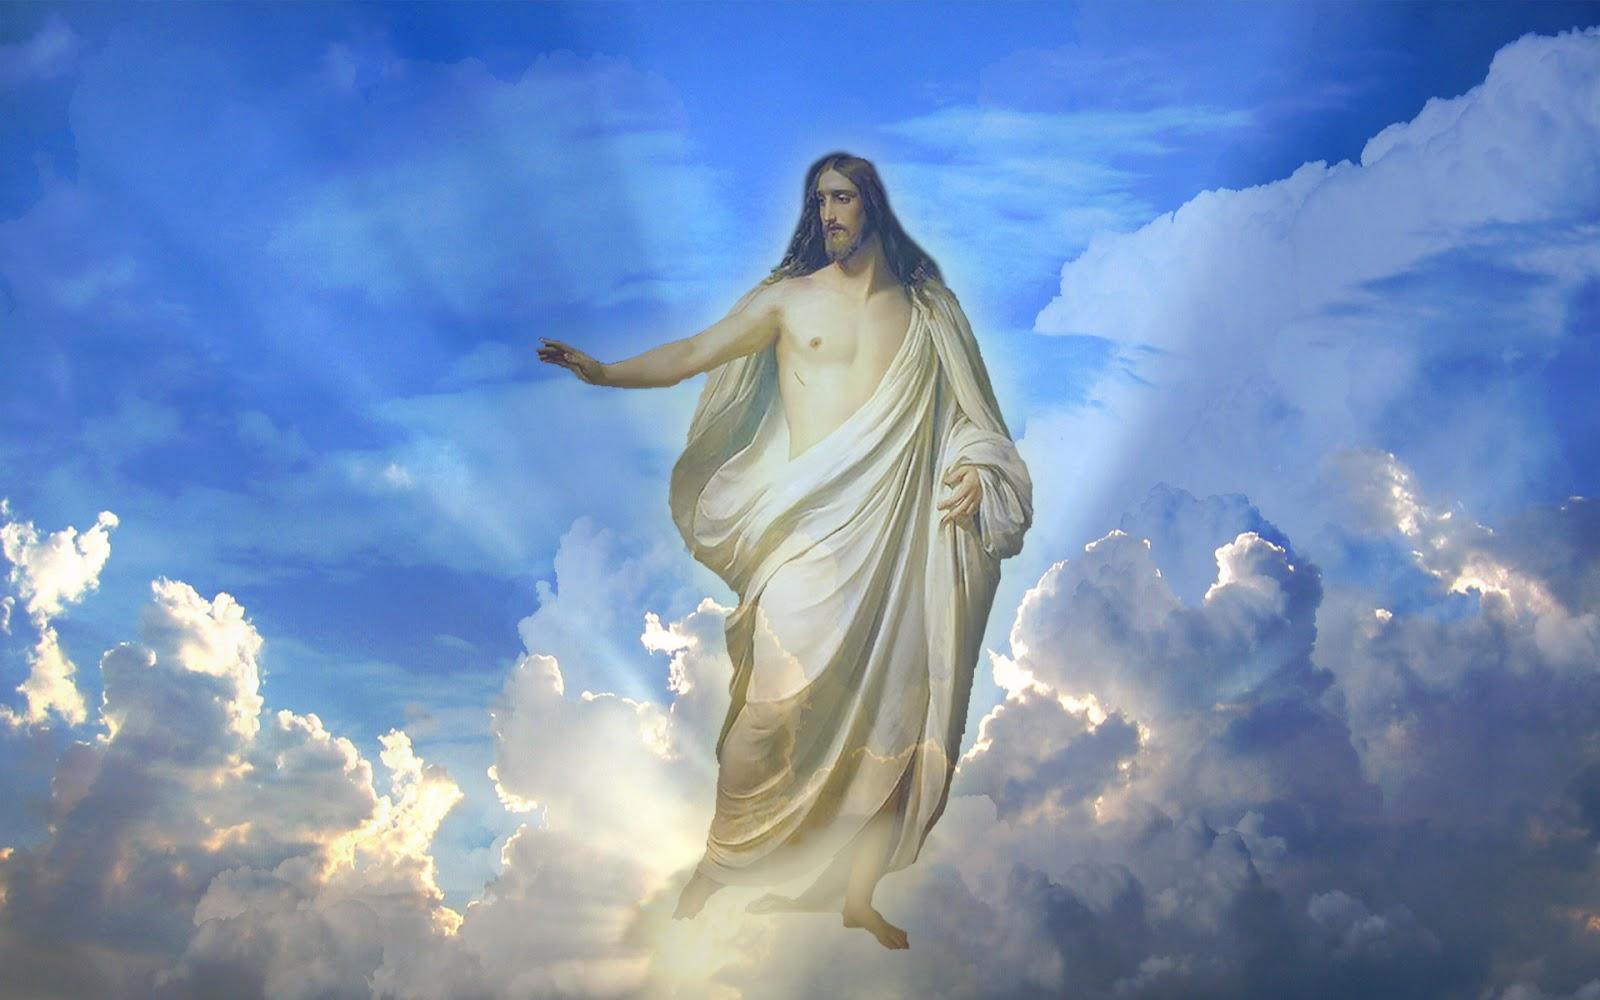 god images christian - photo #18